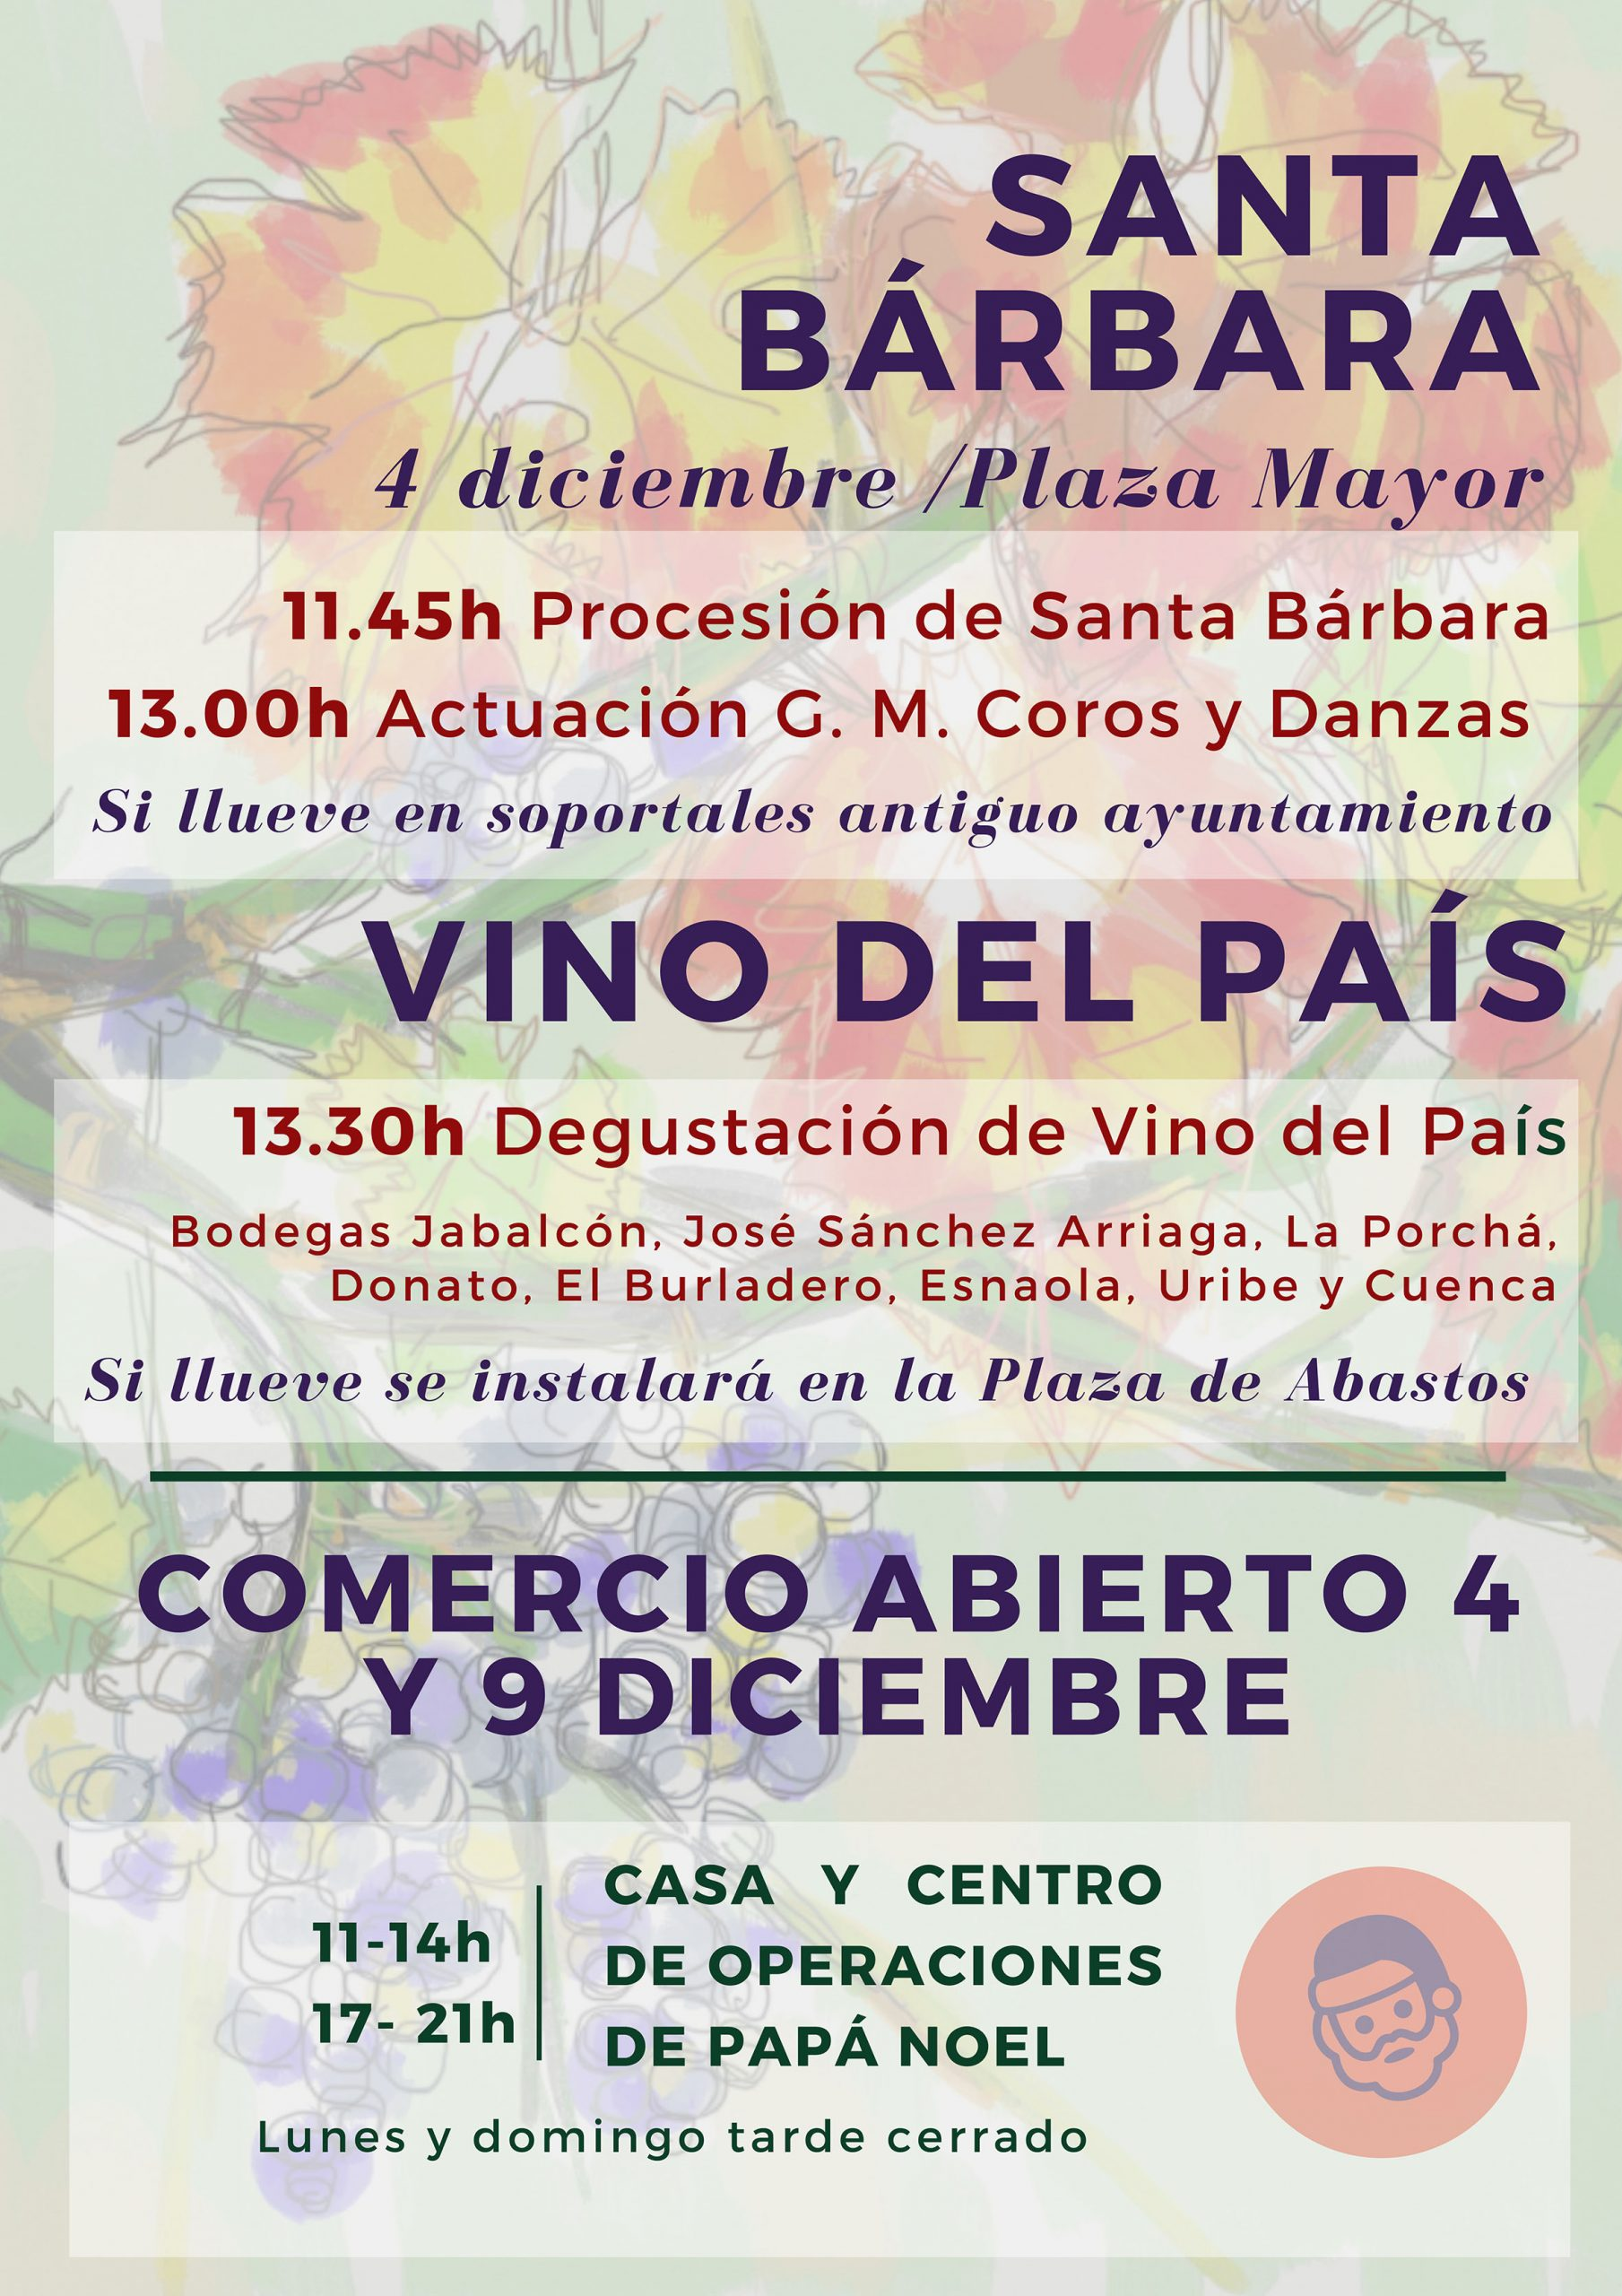 Santa Bárbara y Vino del País